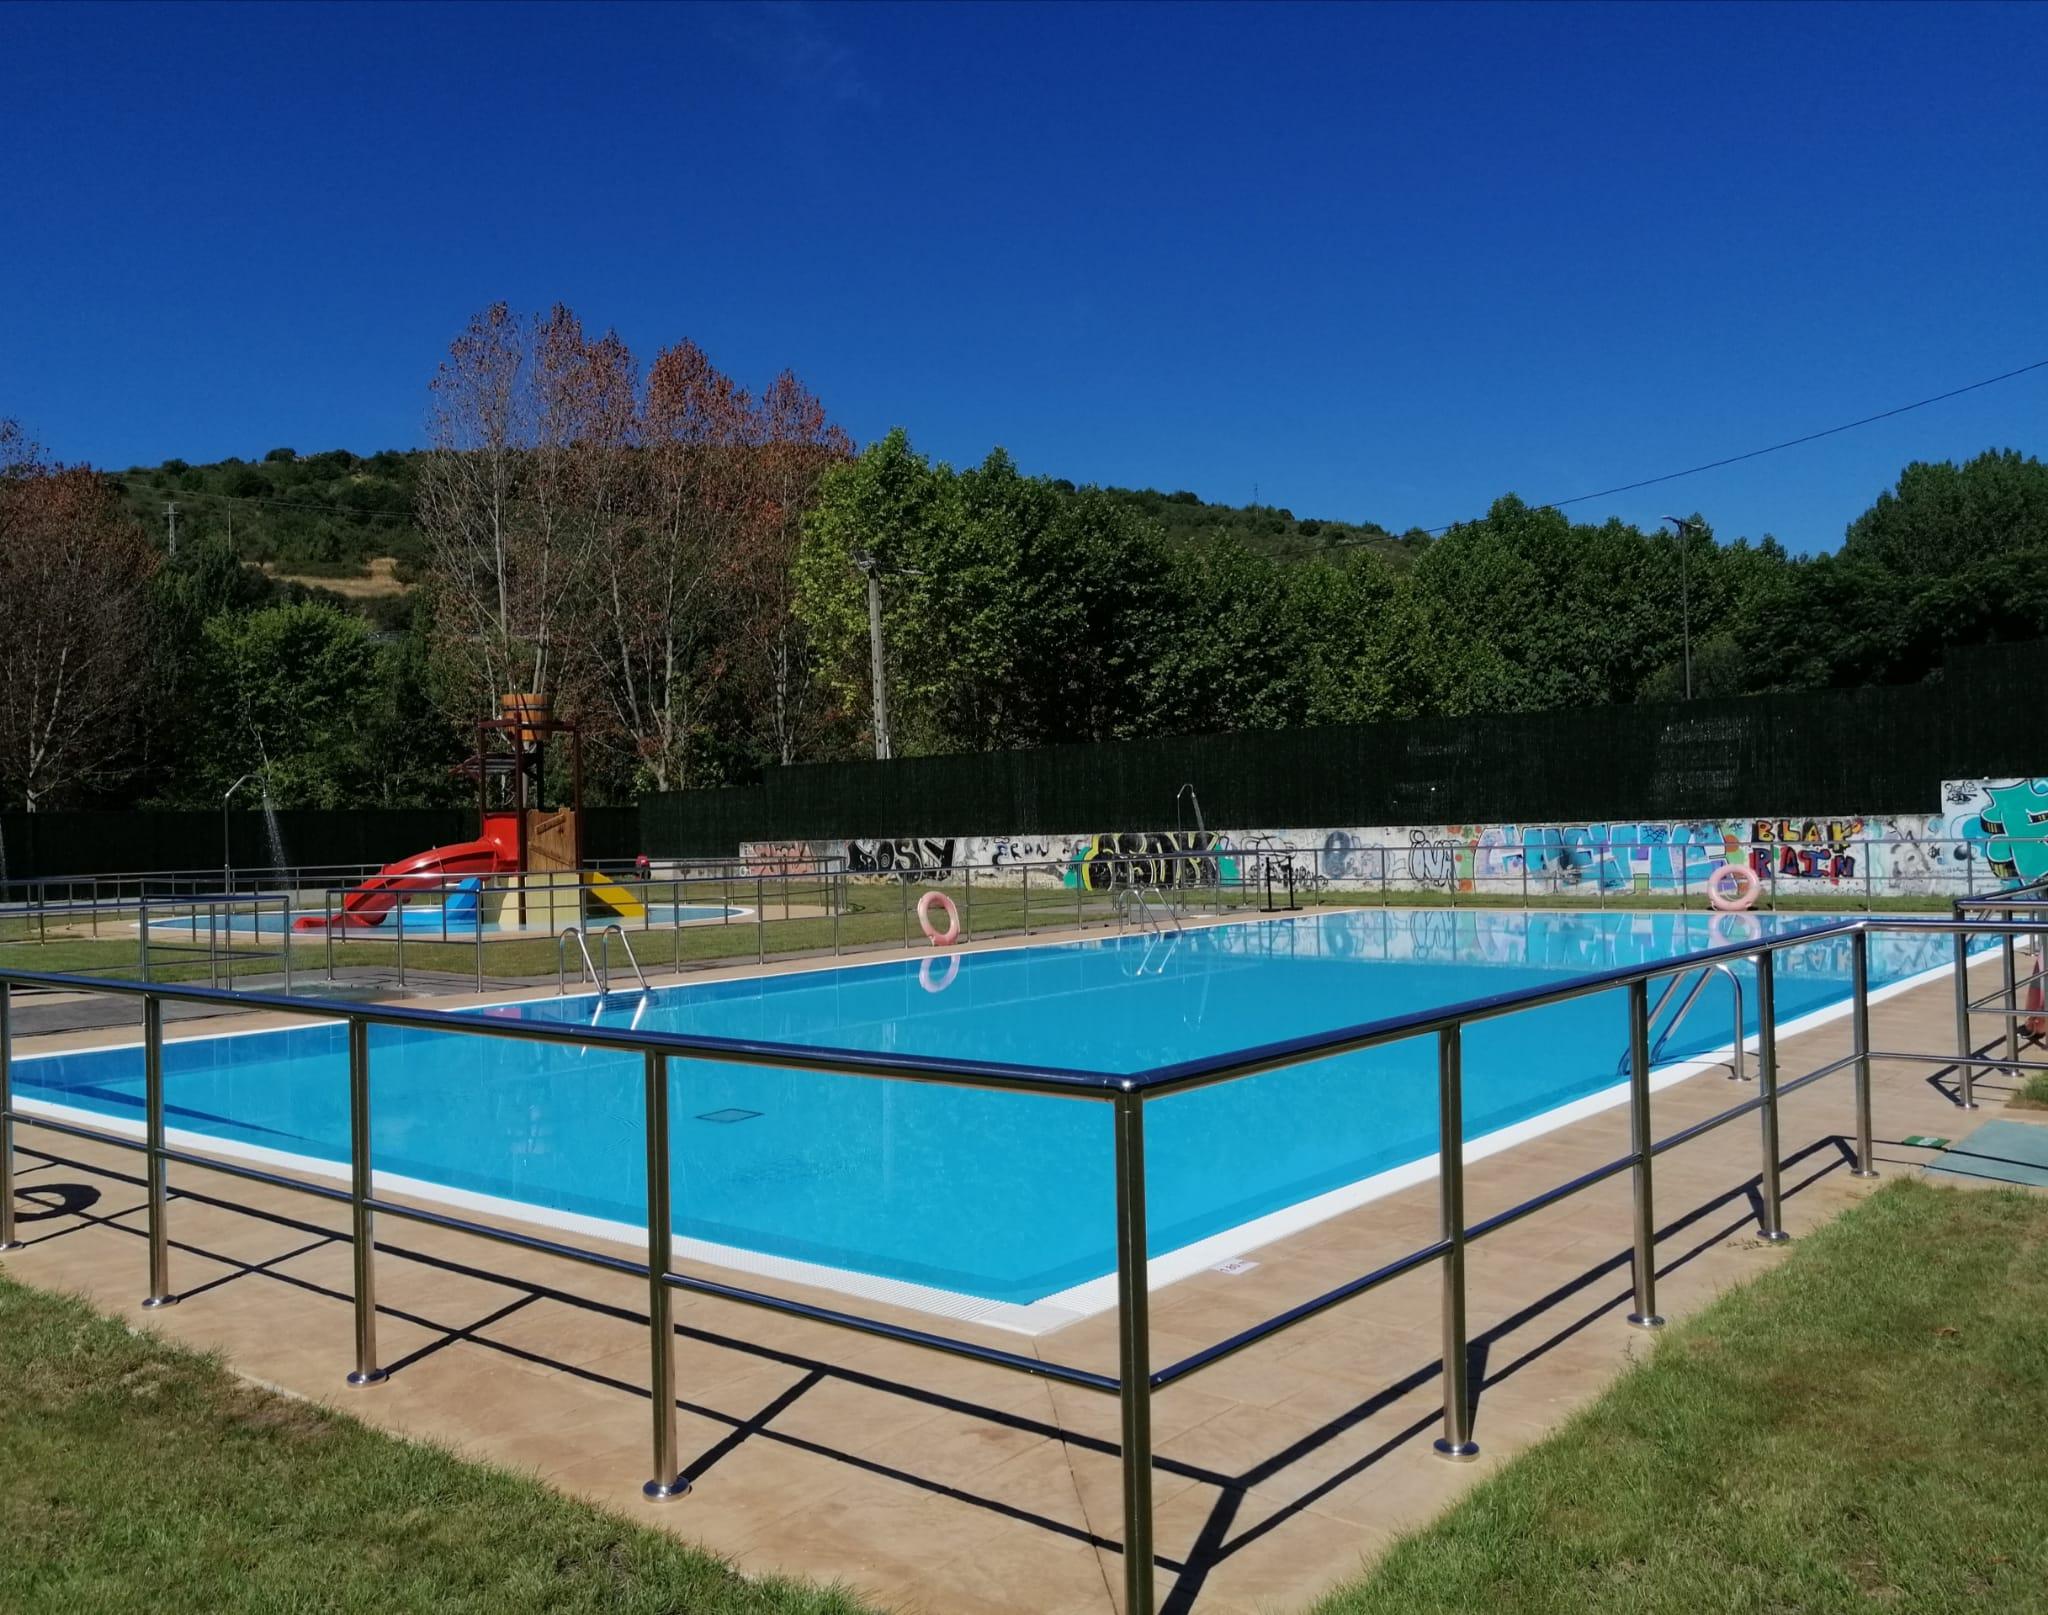 Toral de los Vados abre hoy viernes sus piscinas municipales de verano 1